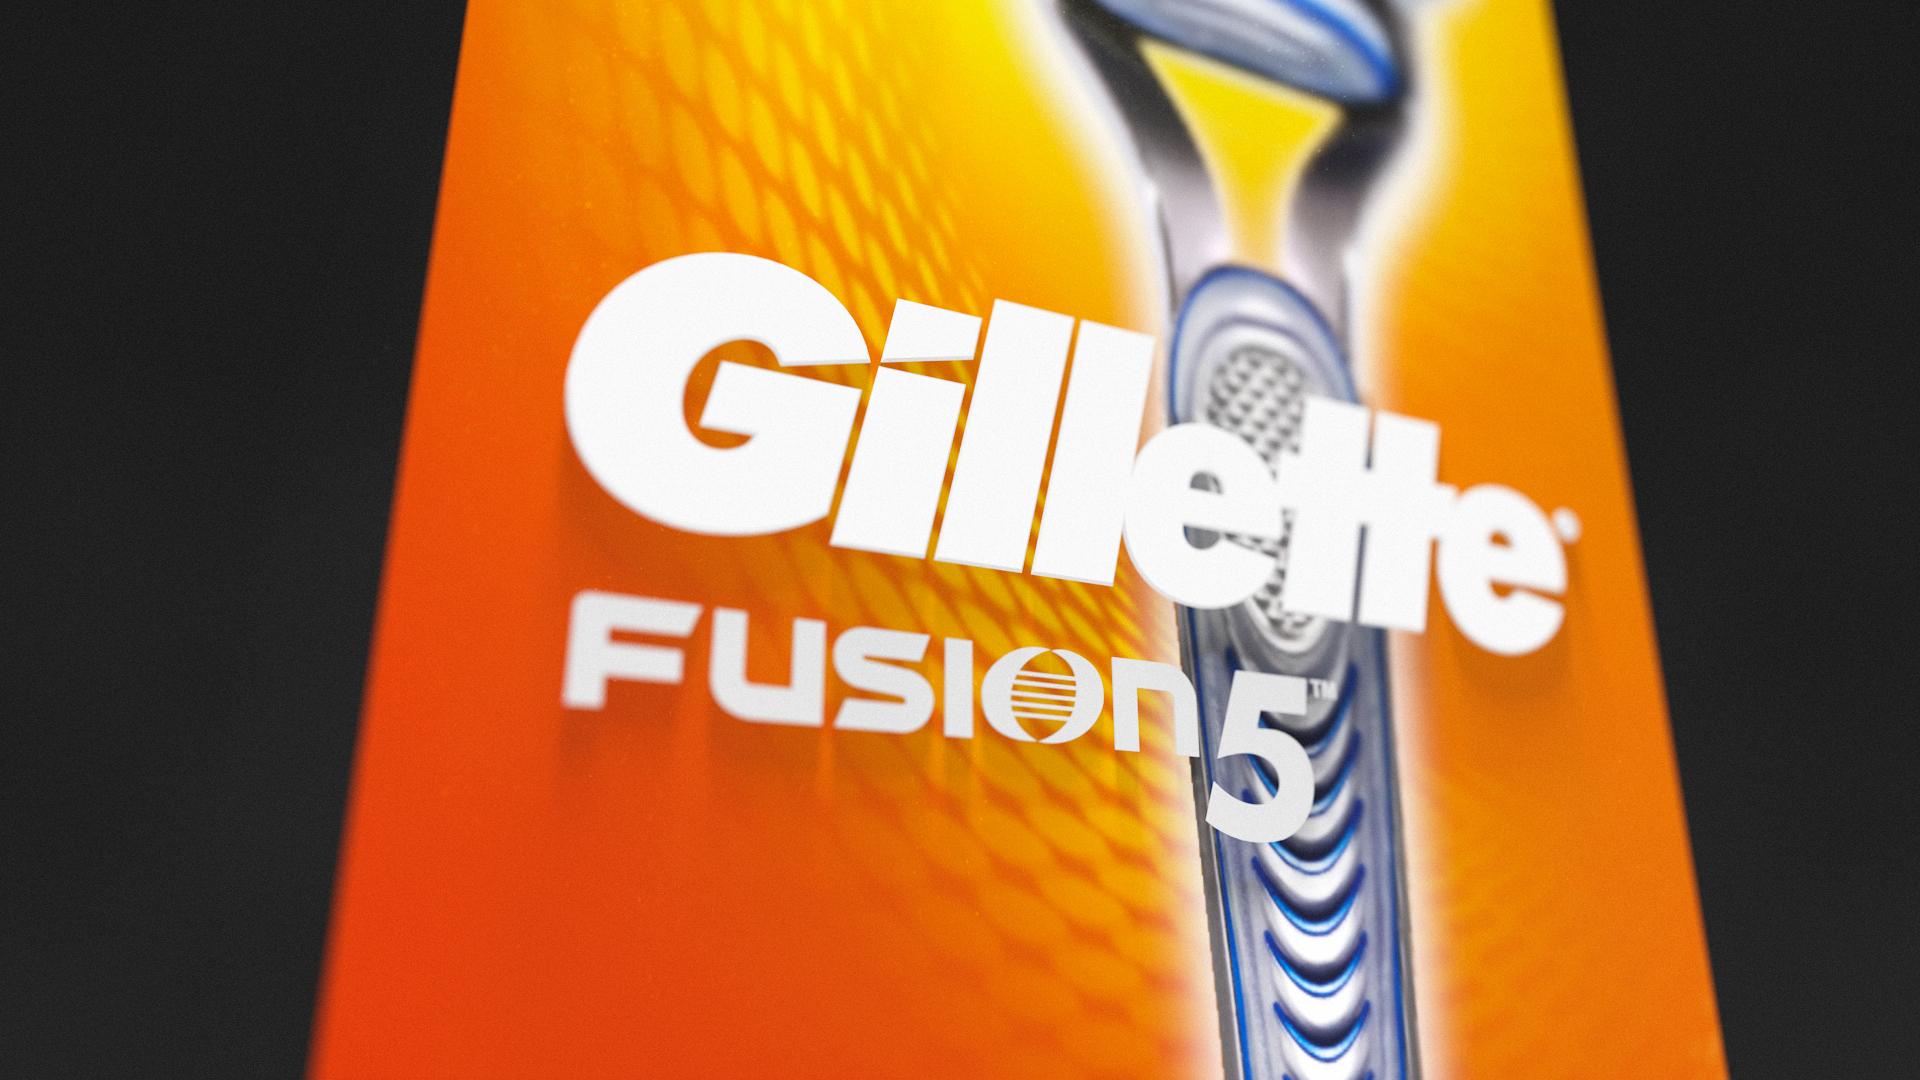 Gillette_GI8